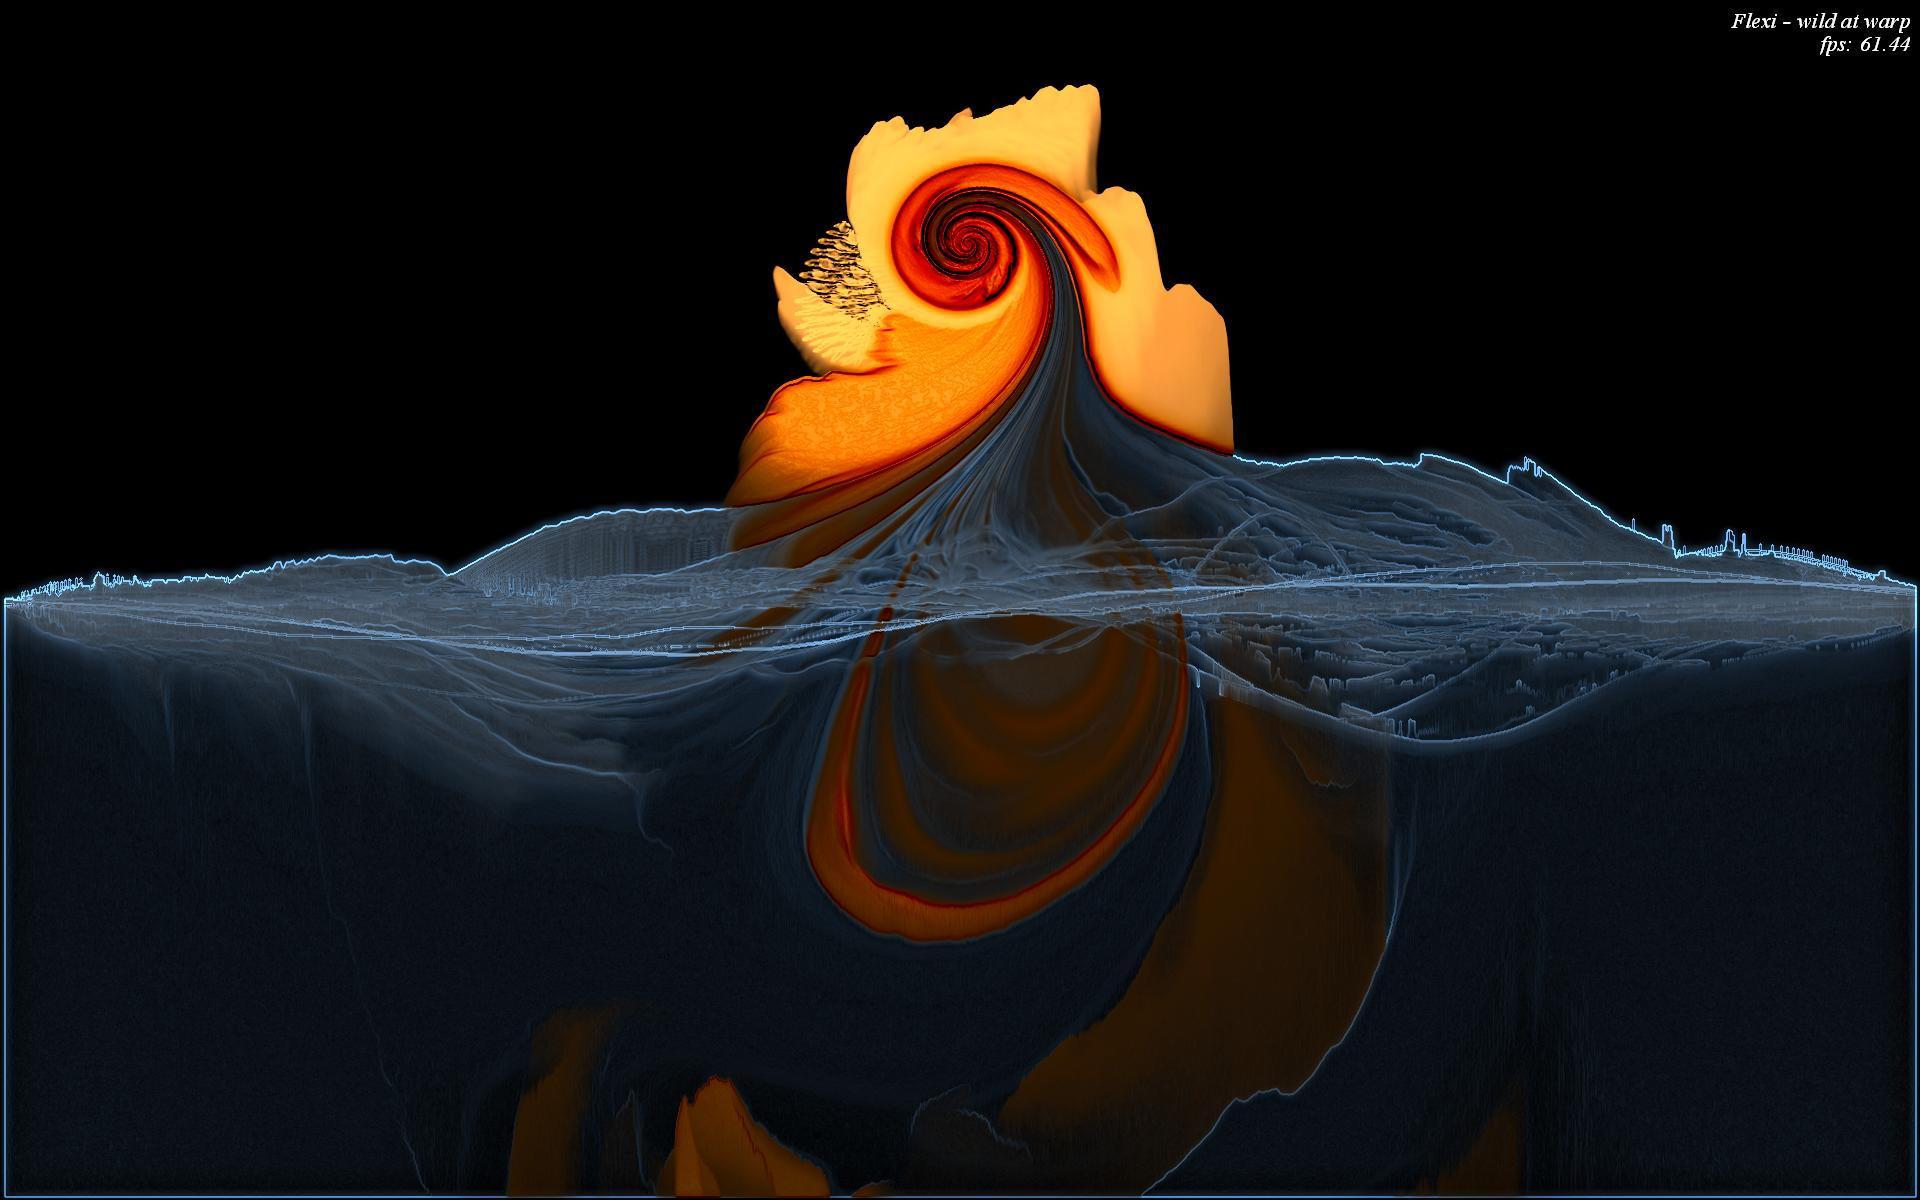 Warp Shader Vortex by a-musing-discordian